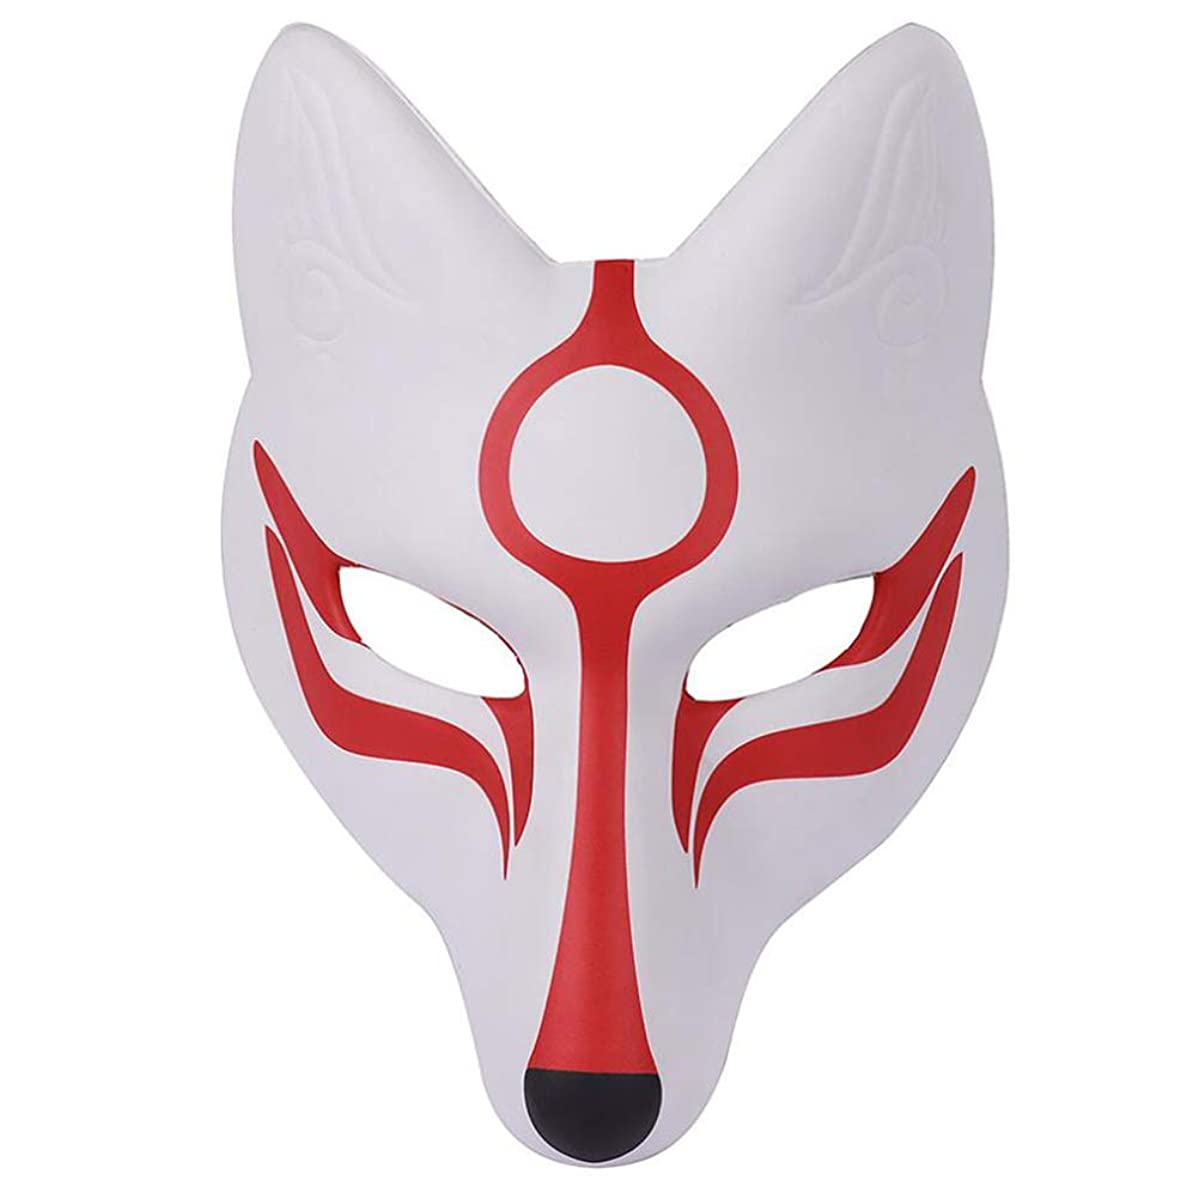 添付宇宙のバンAMOSFUN フォックスマスク日本歌舞伎きつねマスク用男性女性子供ハロウィーン仮装衣装プロップ